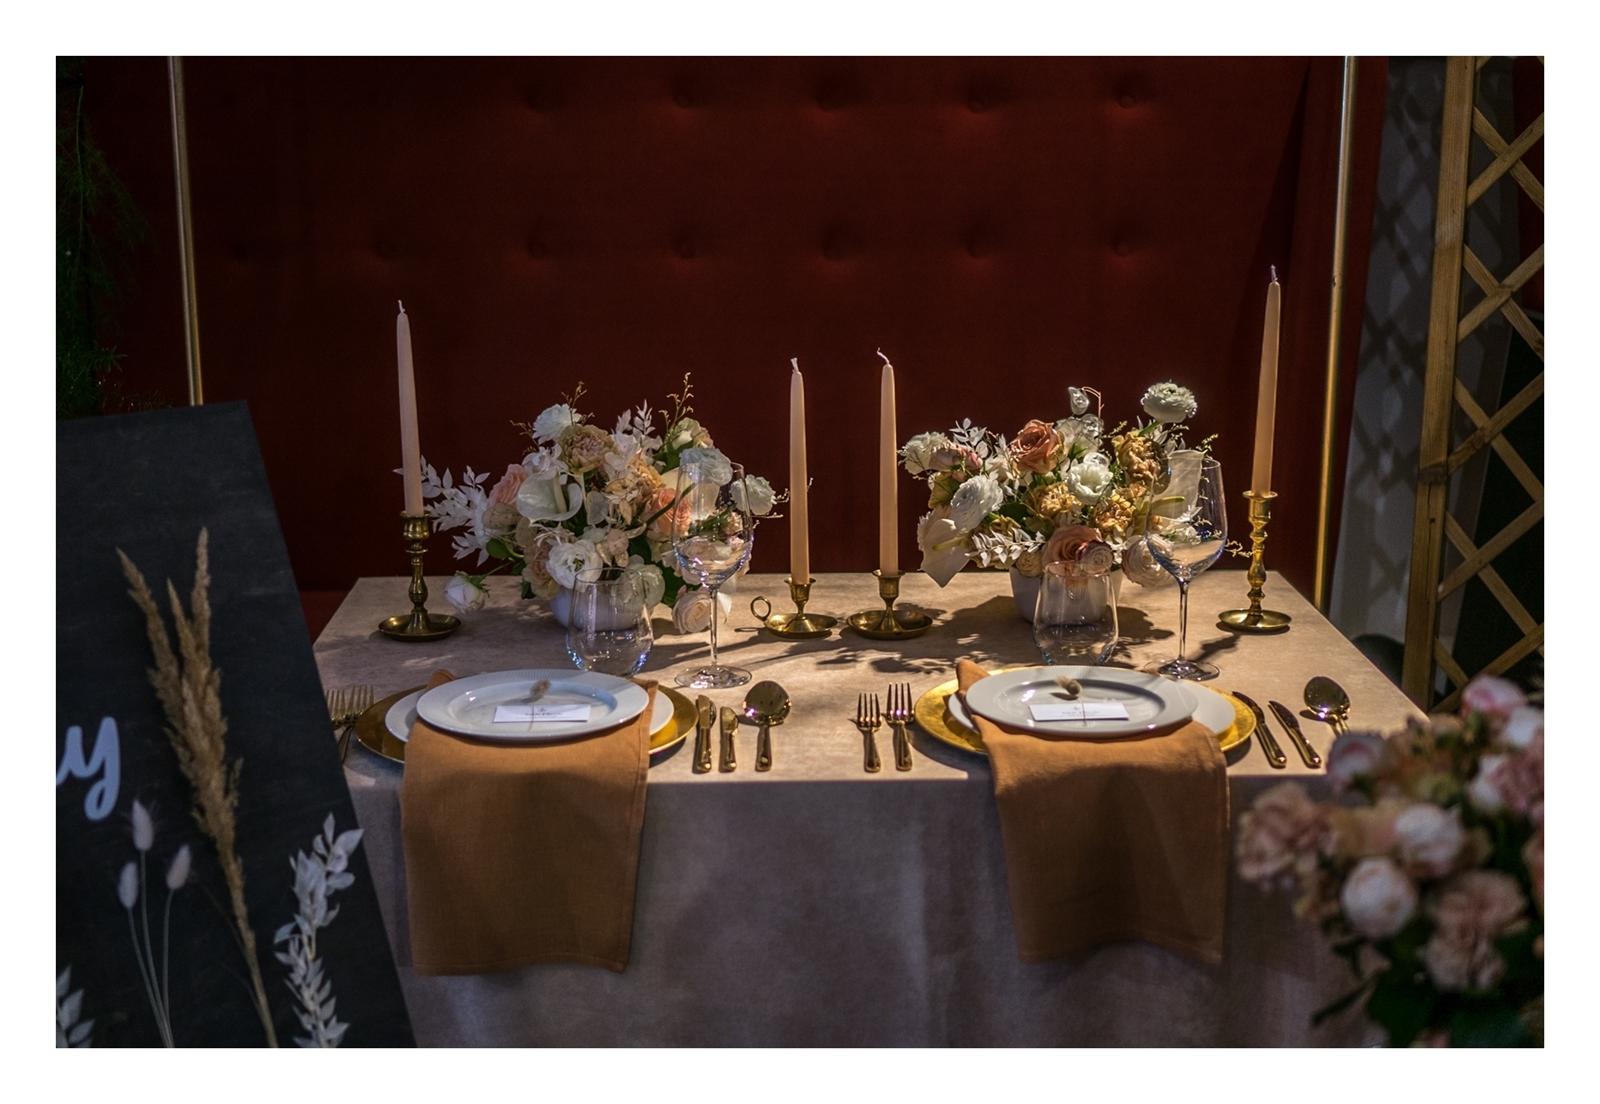 12 OFF WEDDING - Alternatywne Targi ślubne papeteria. biżuteria ślubna, dodatki ślubne, boho dekoracje , kwiaty na ślub i wesele, warszawa, łódź, romantczne, naturalne, nietypowe papeterie ślubne